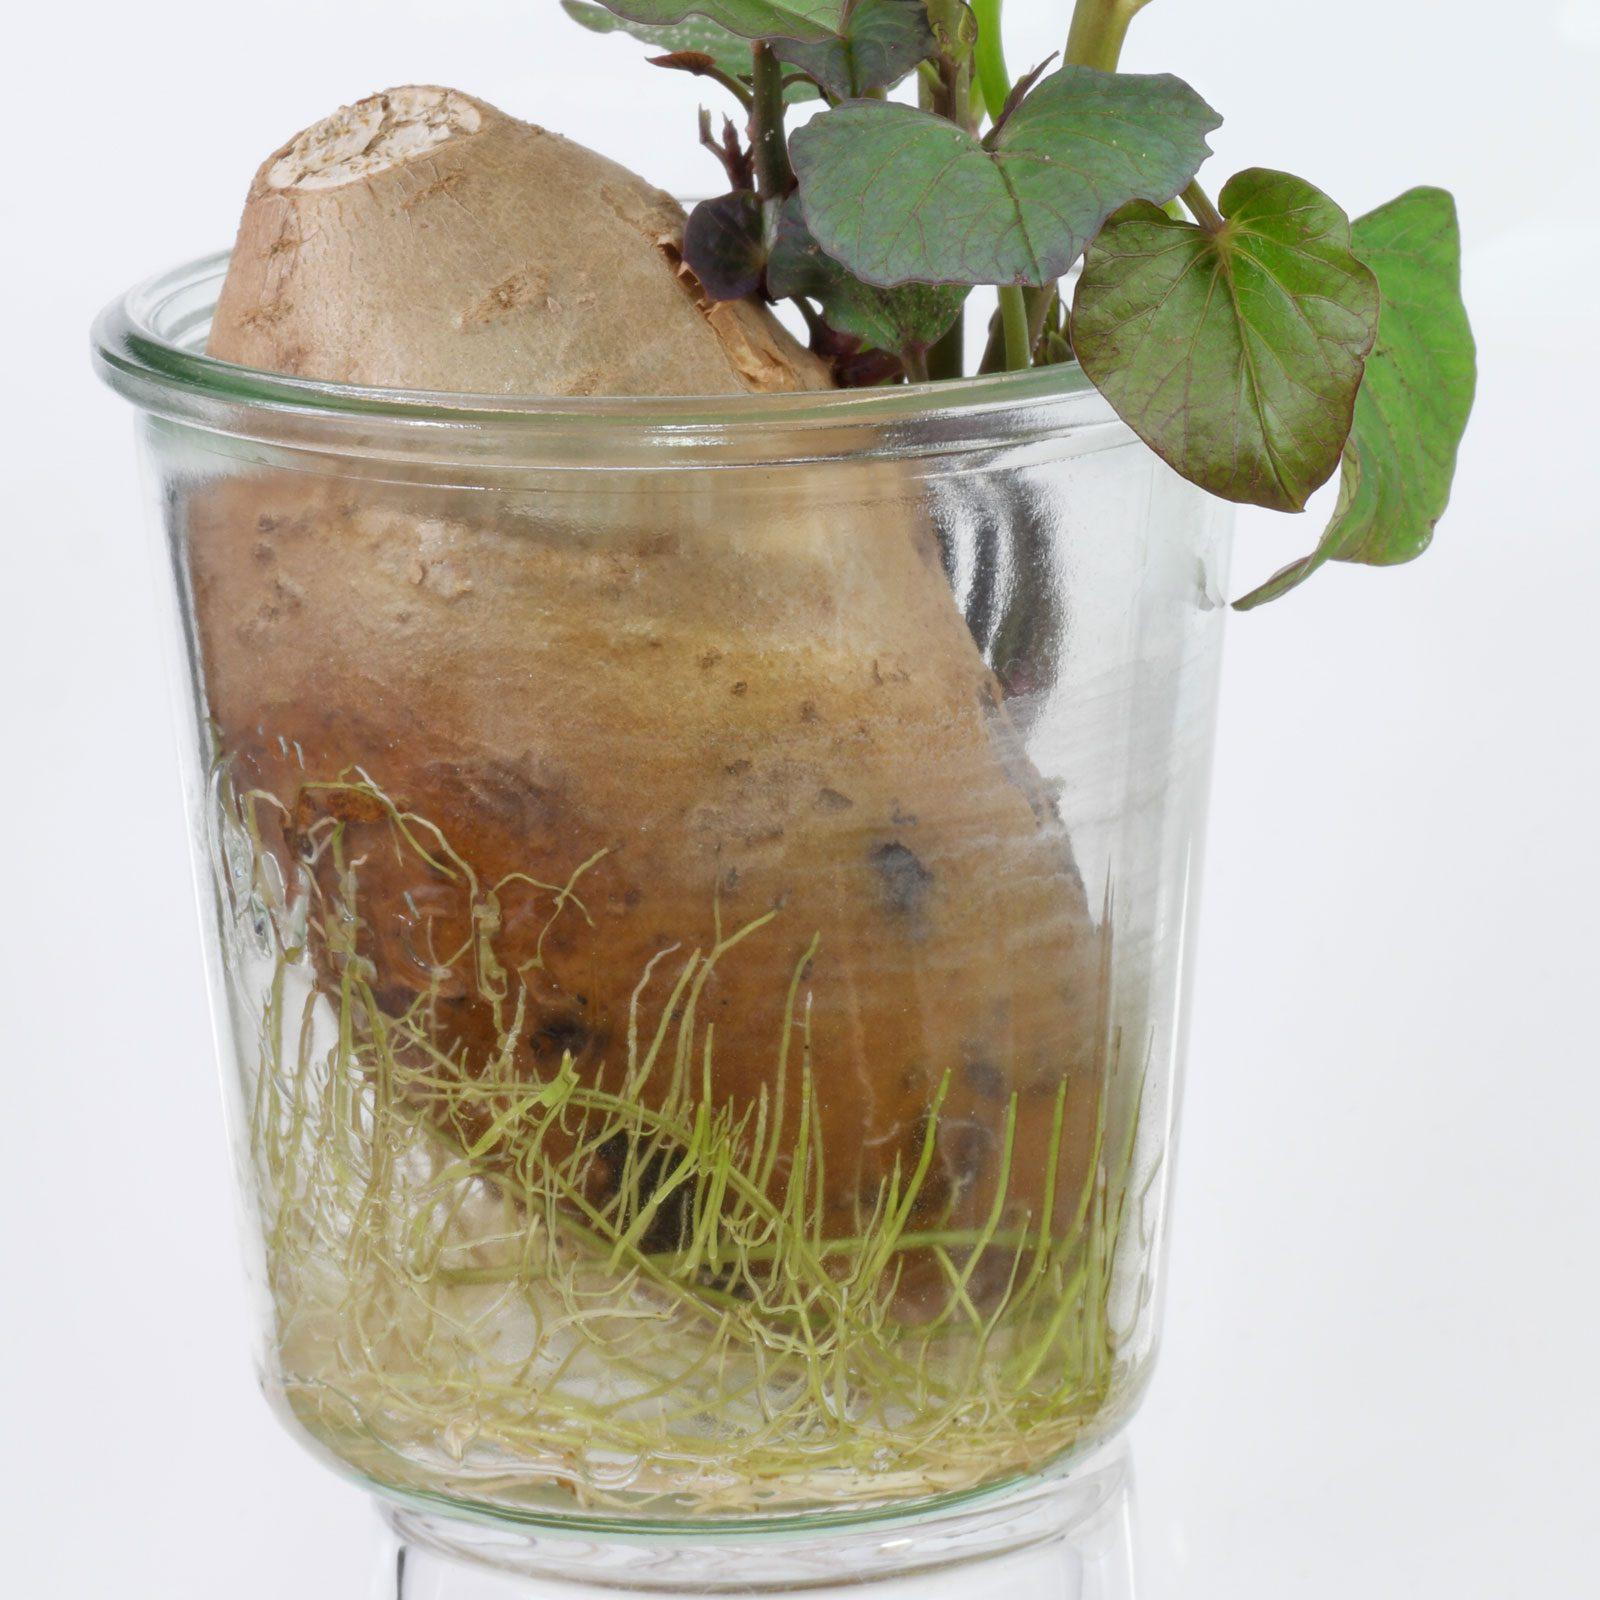 Süßkartoffel im Wasserglas